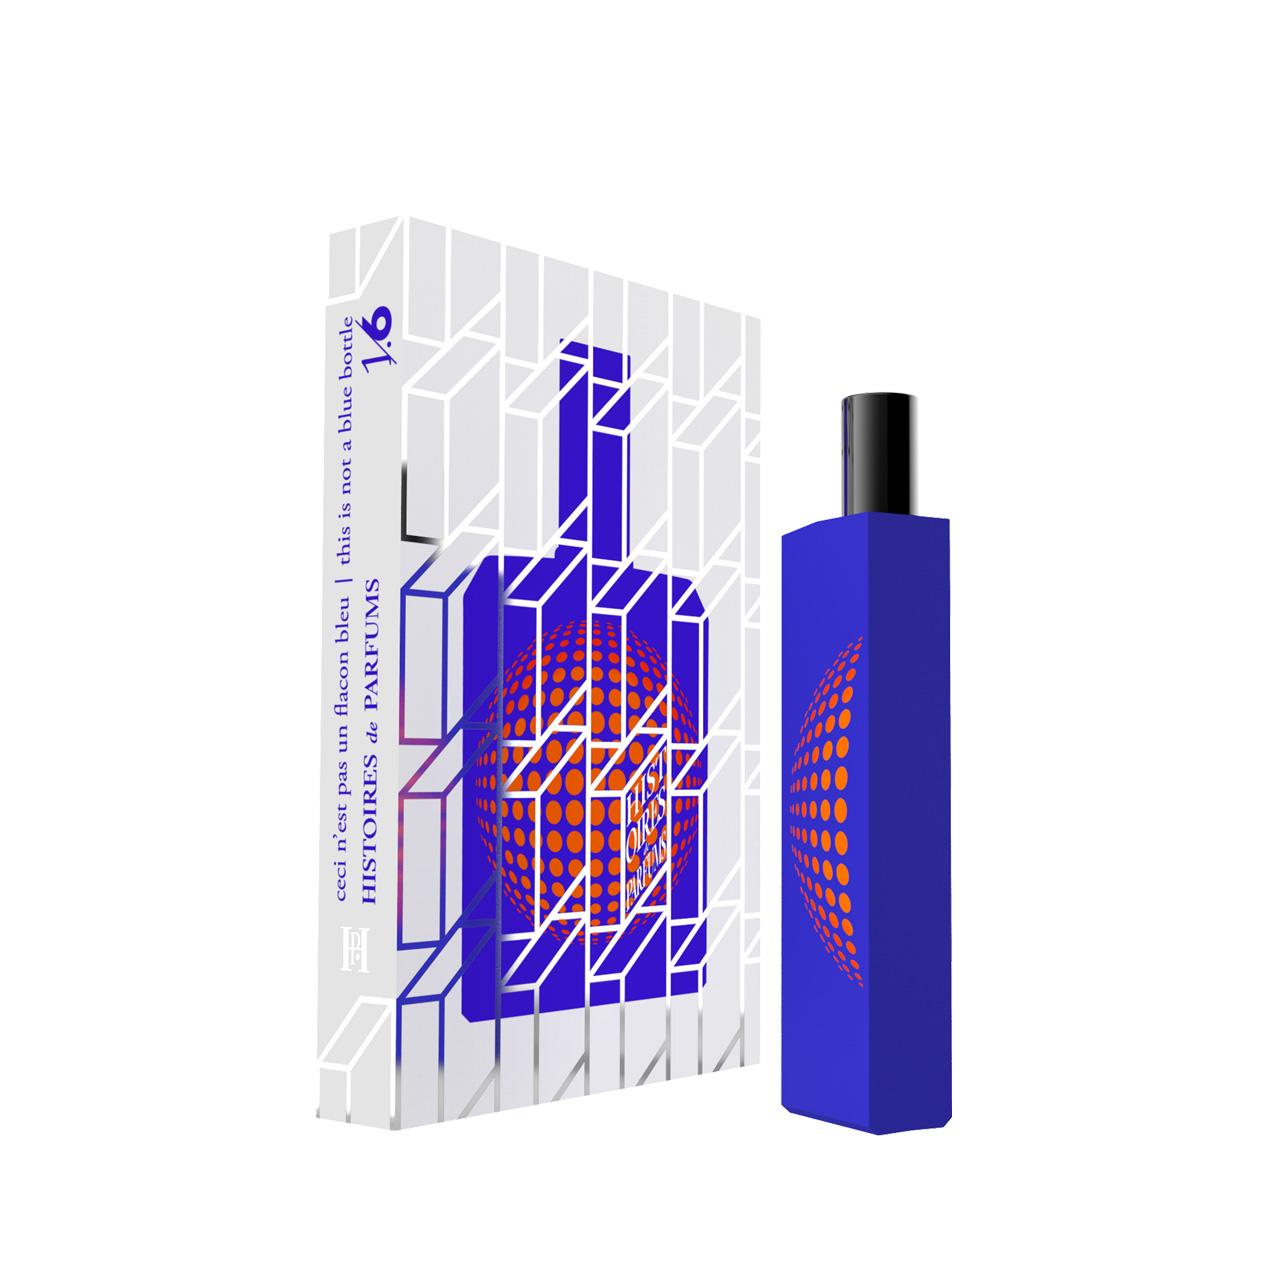 This is not a blue bottle 1/.6 - Eau de Parfum